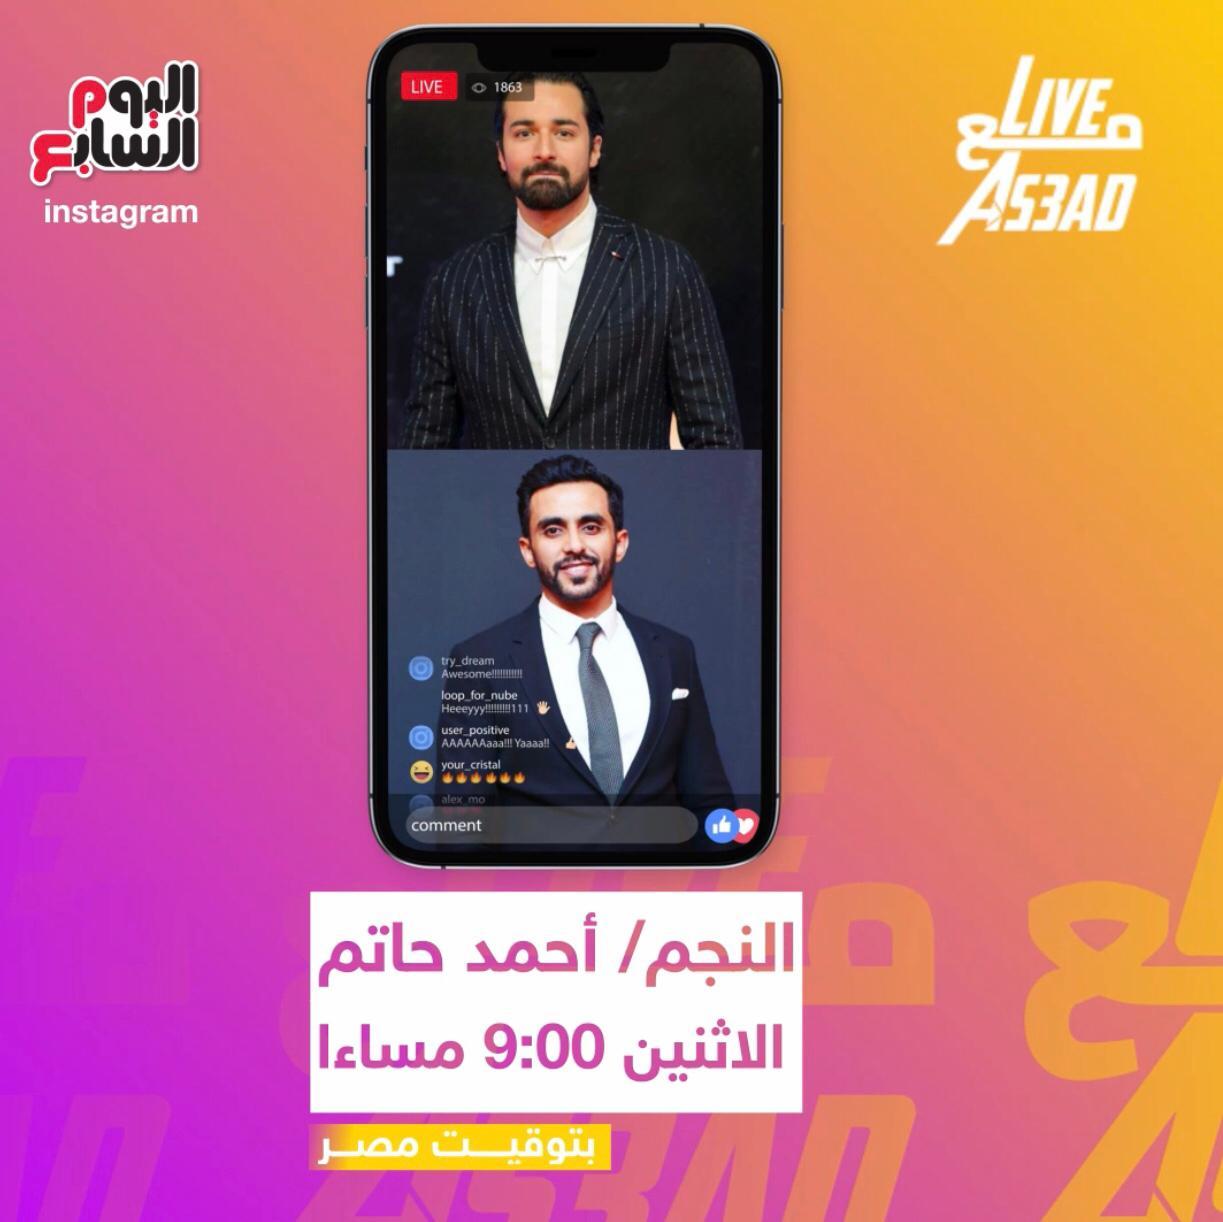 الفنان أحمد حاتم والزميل محمد أسعد.